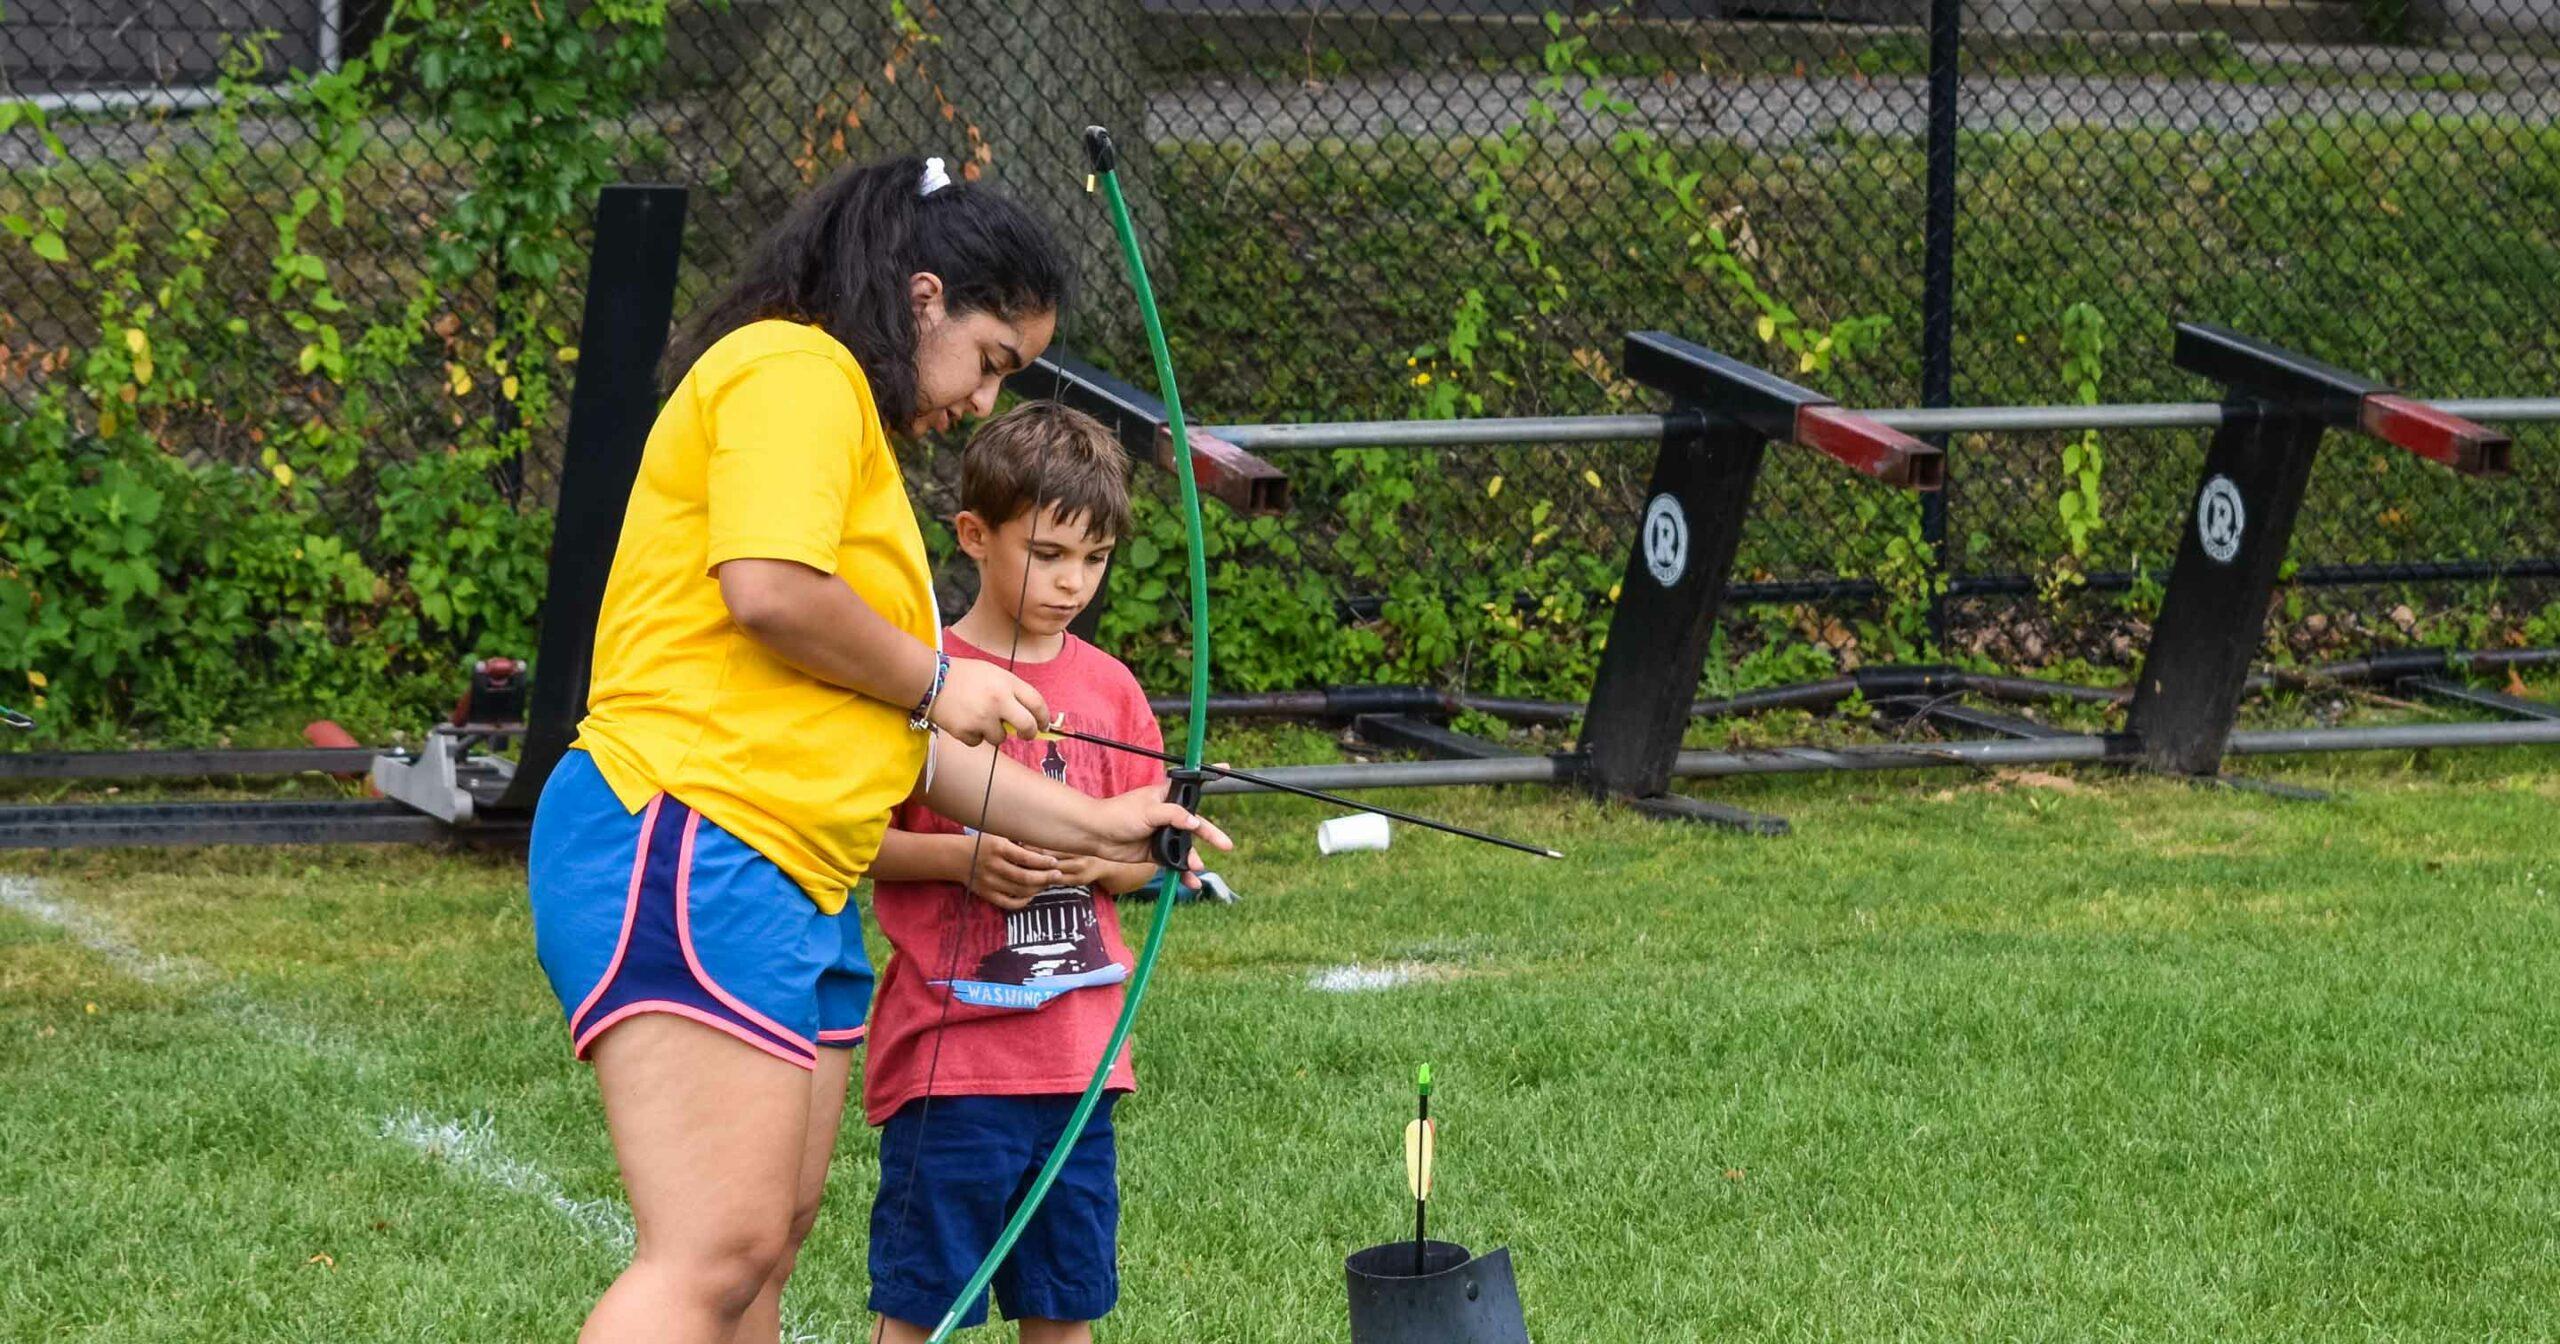 Staff teaching camper archery